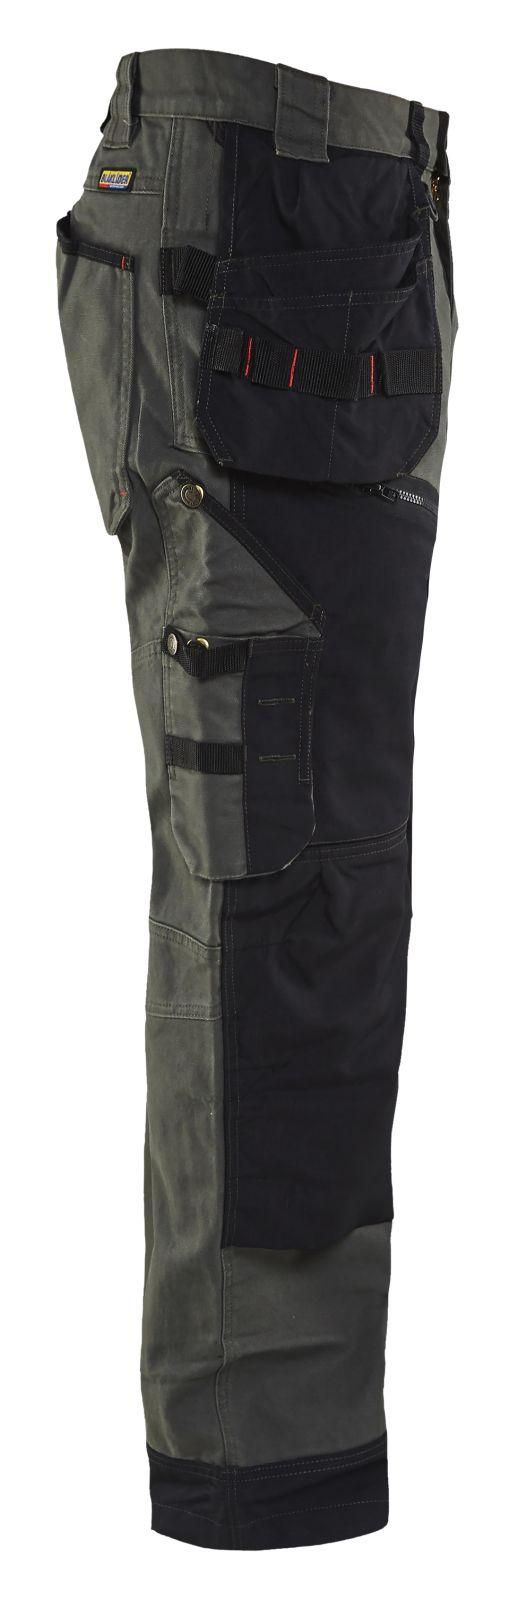 Blaklader Werkbroeken 15001320 army groen-zwart(4699)